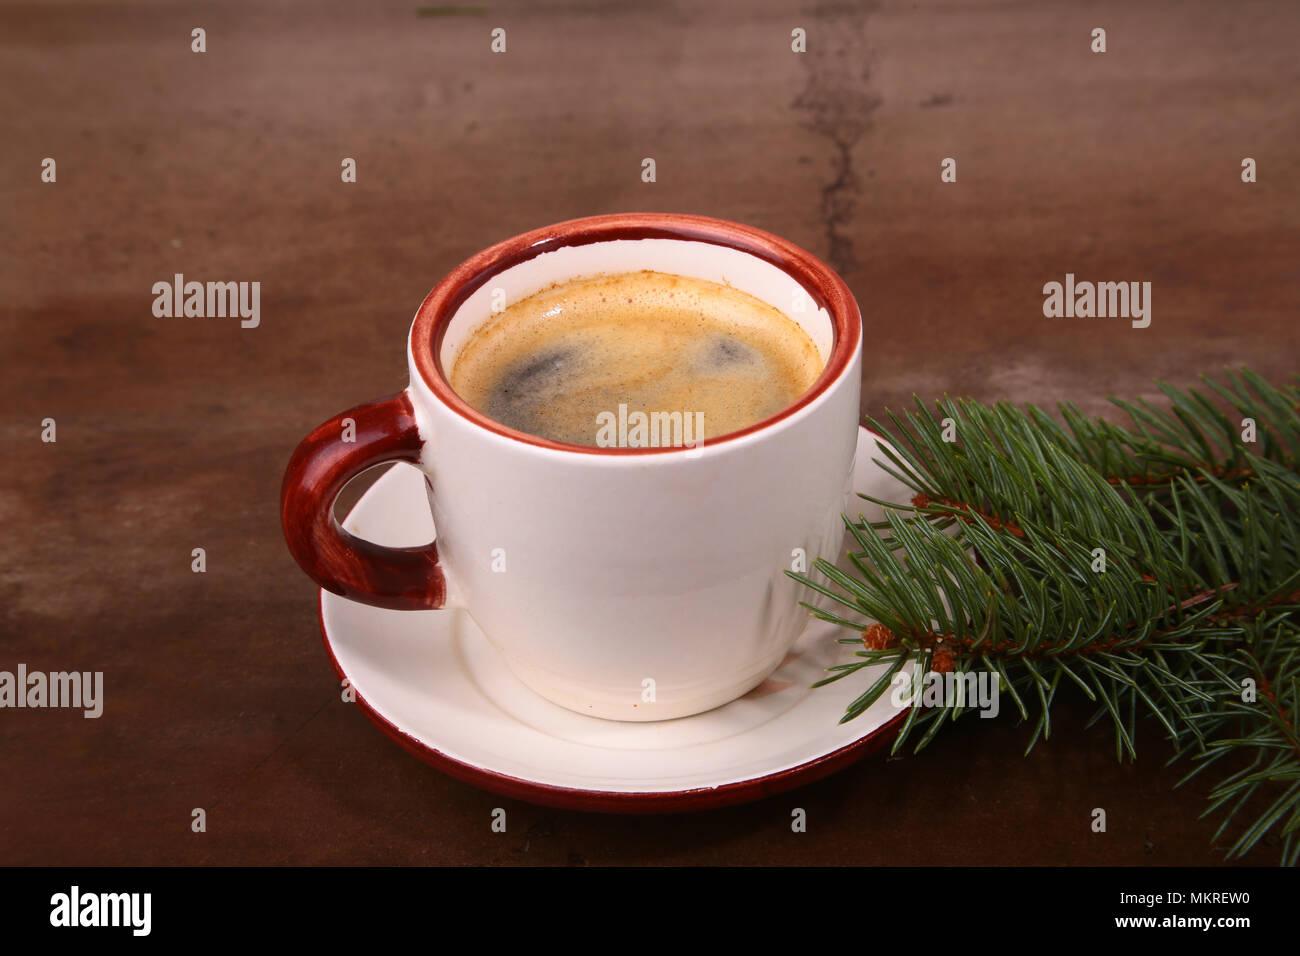 Buona mattina o hanno un bel giorno Merry Christmas .tazza di caffè con biscotti e fresco di abete o ramo di pino.. Immagini Stock